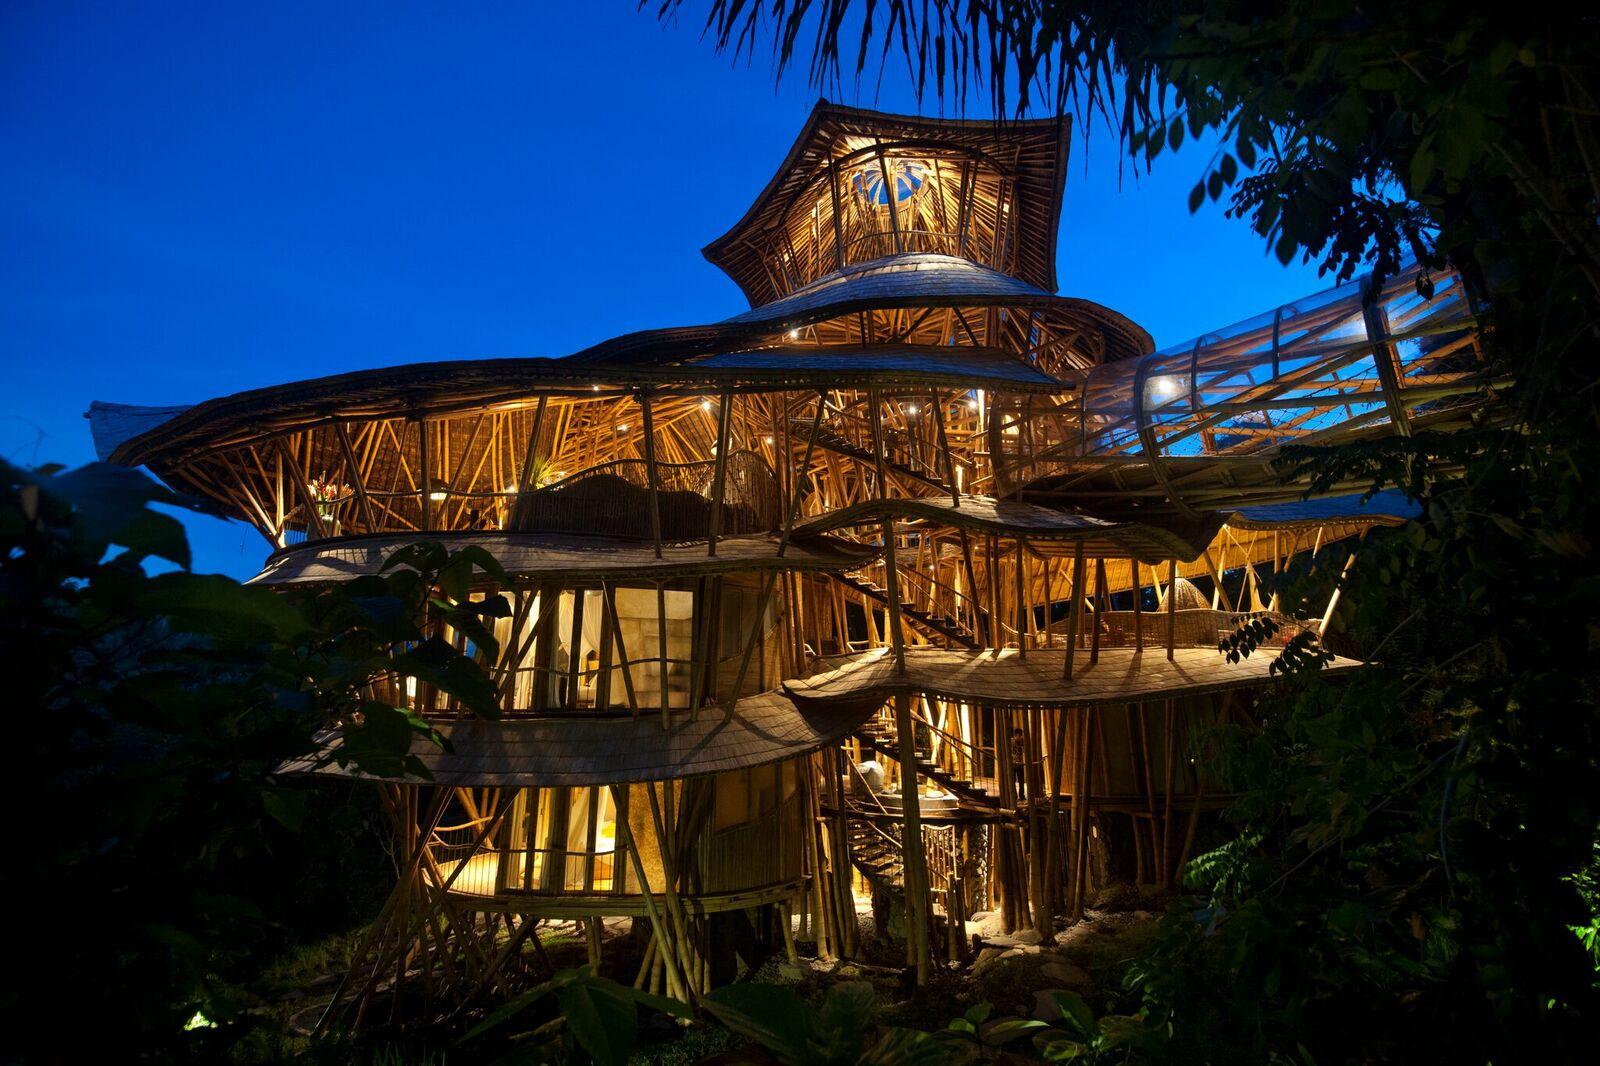 Die fantastische Bambusarchitektur von Ibuku | Lilli Green ...